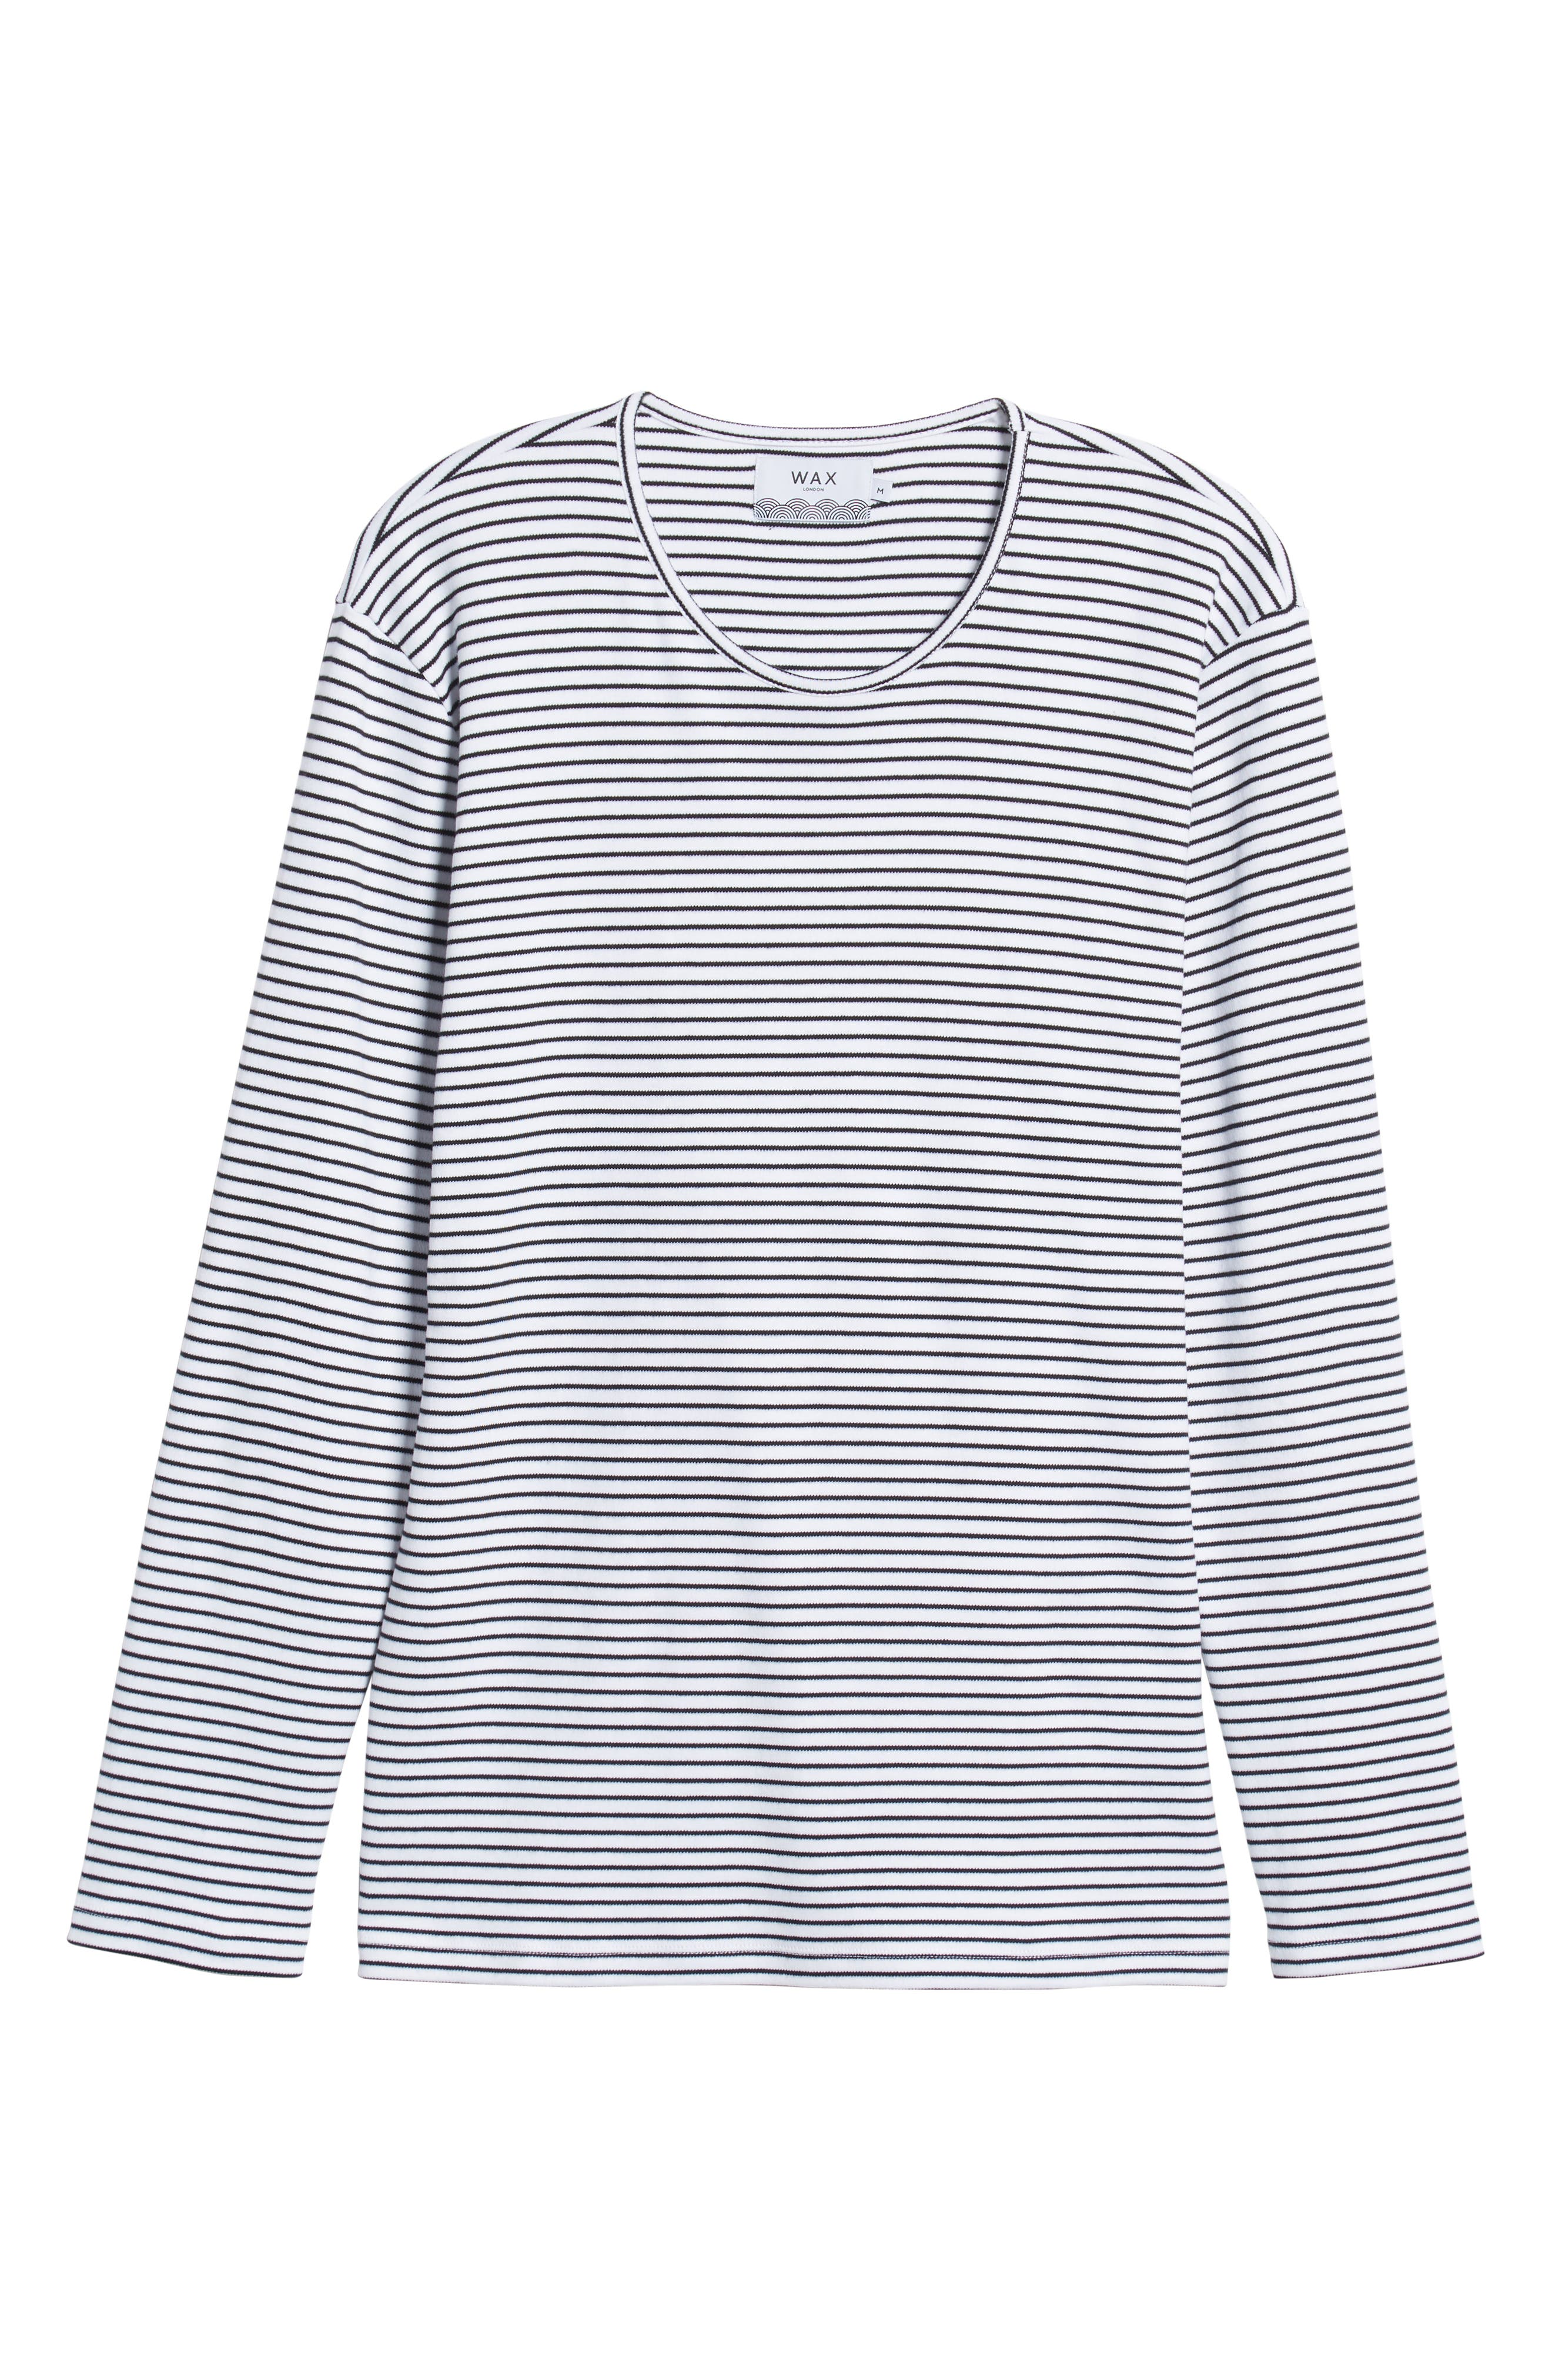 Finham Stripe Long Sleeve T-Shirt,                             Alternate thumbnail 6, color,                             WHITE / BLACK STRIPE